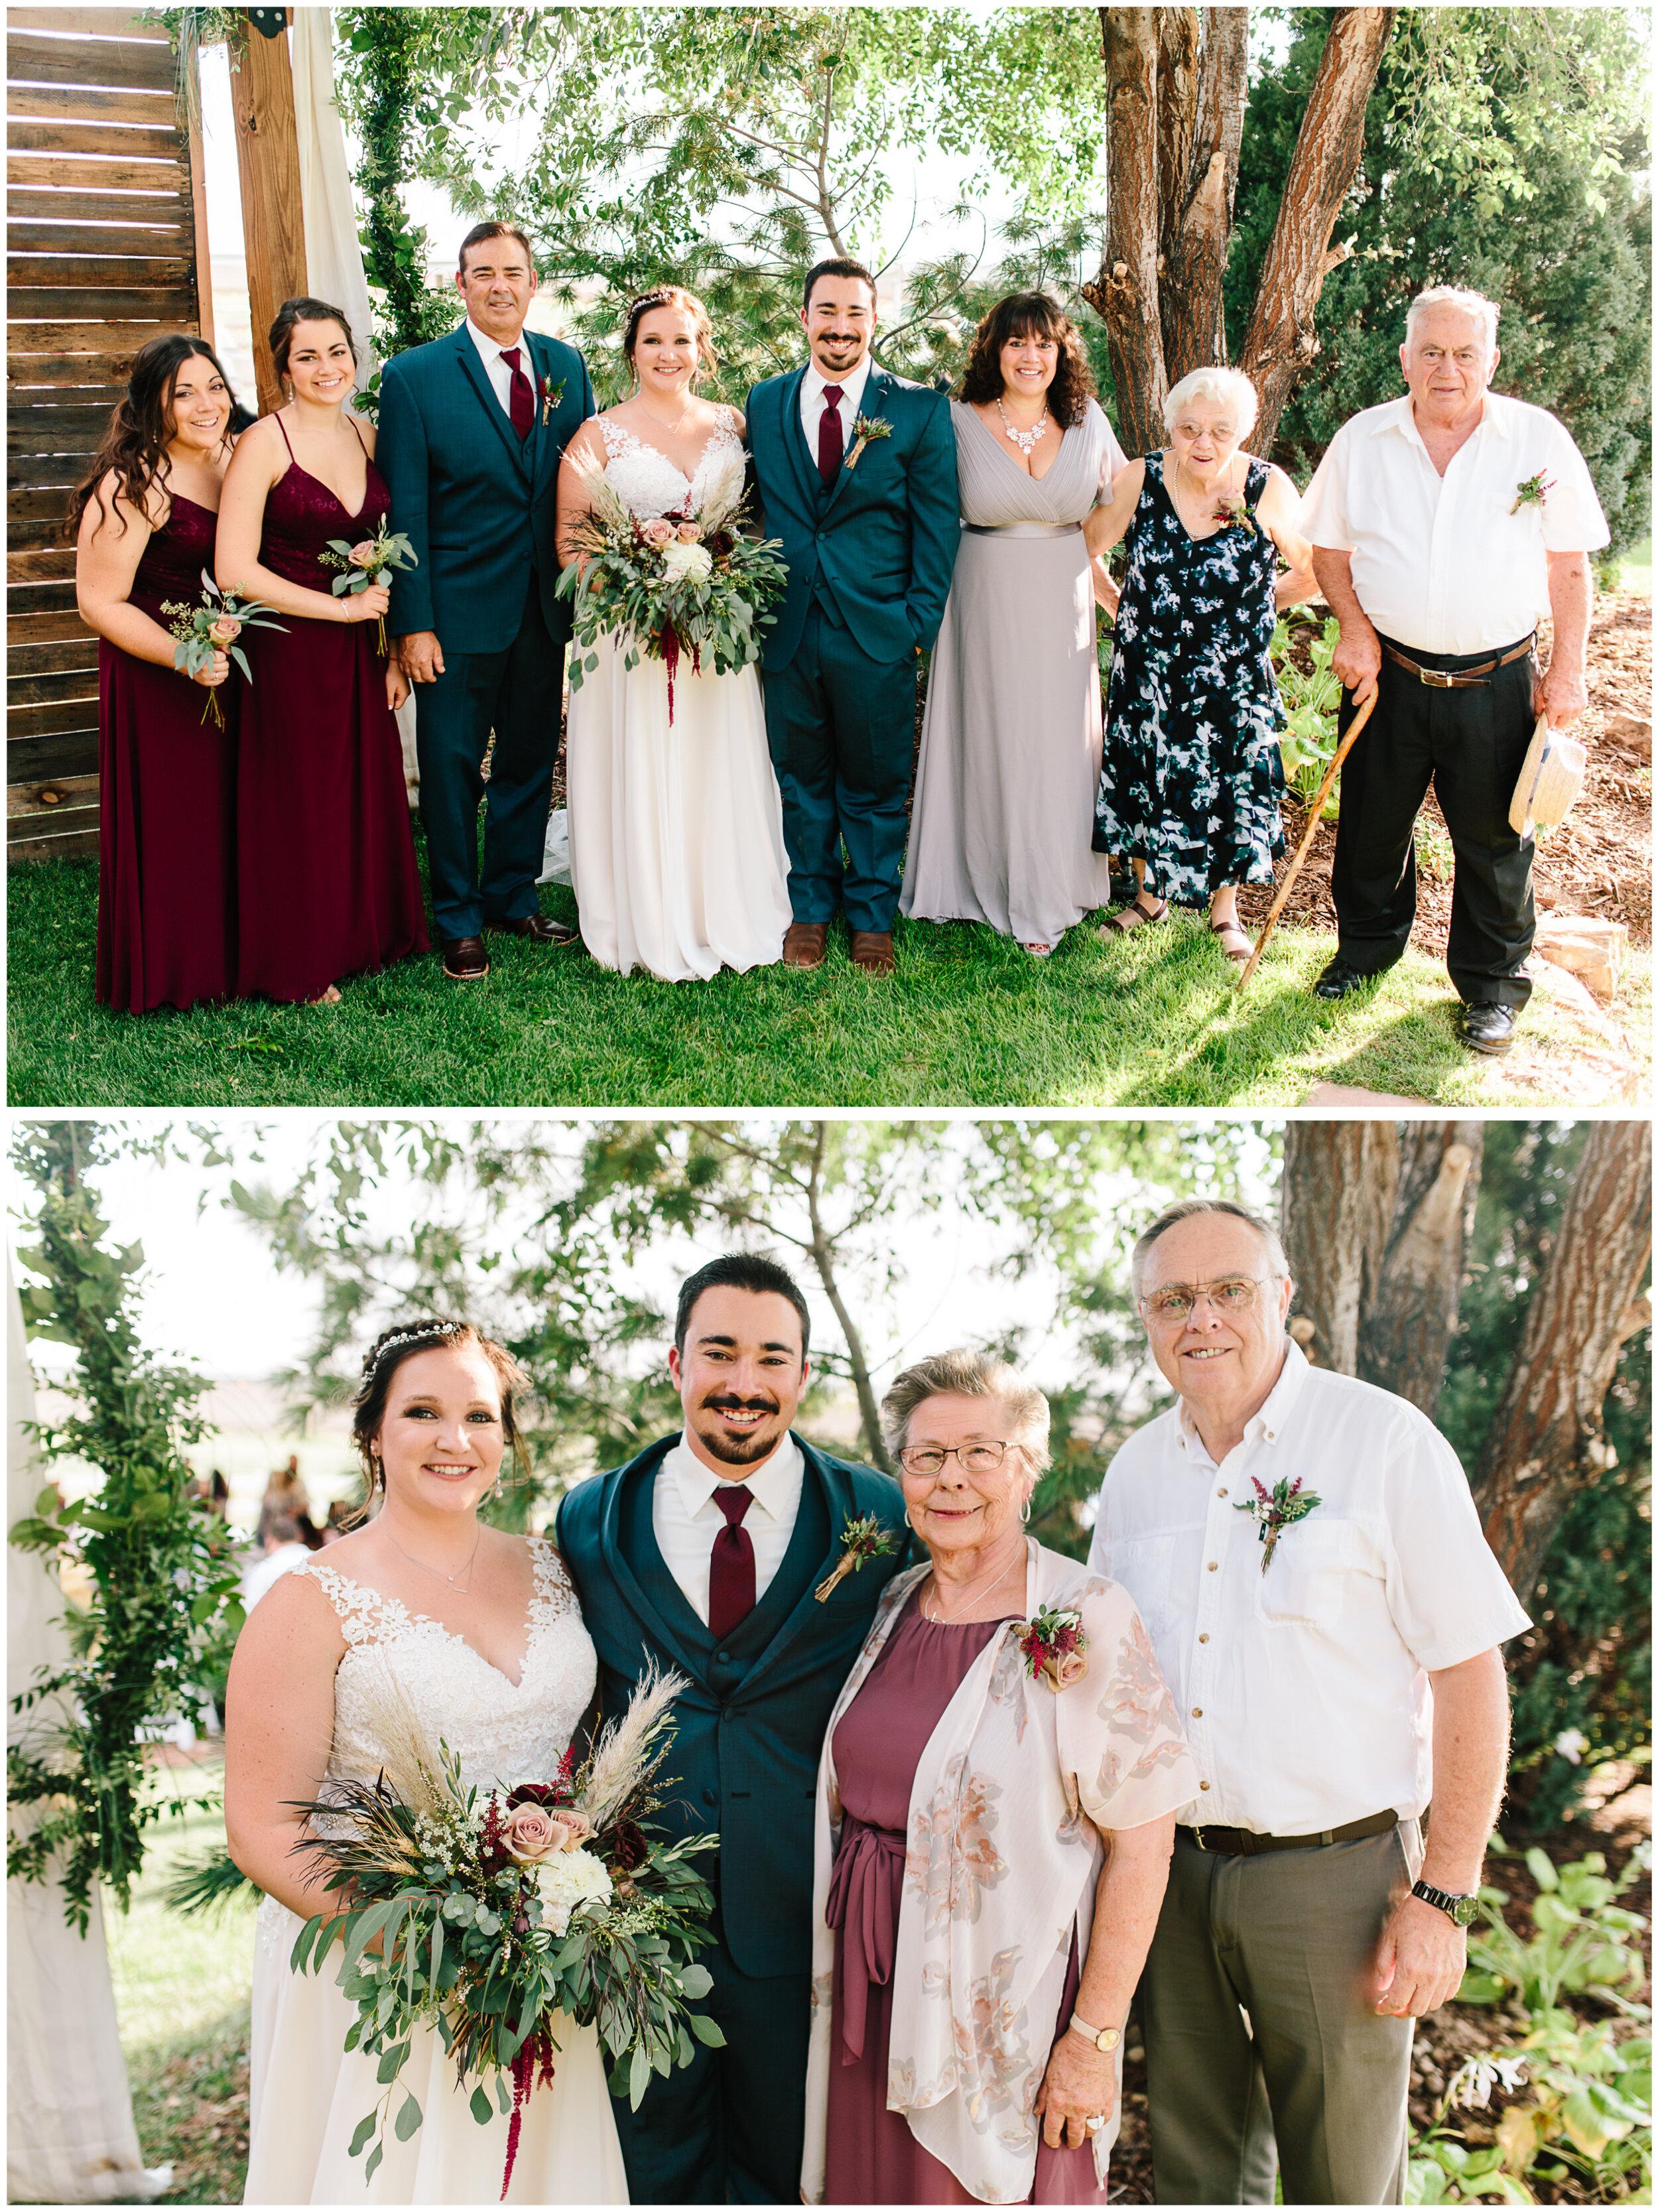 brighton_colorado_wedding_65.jpg